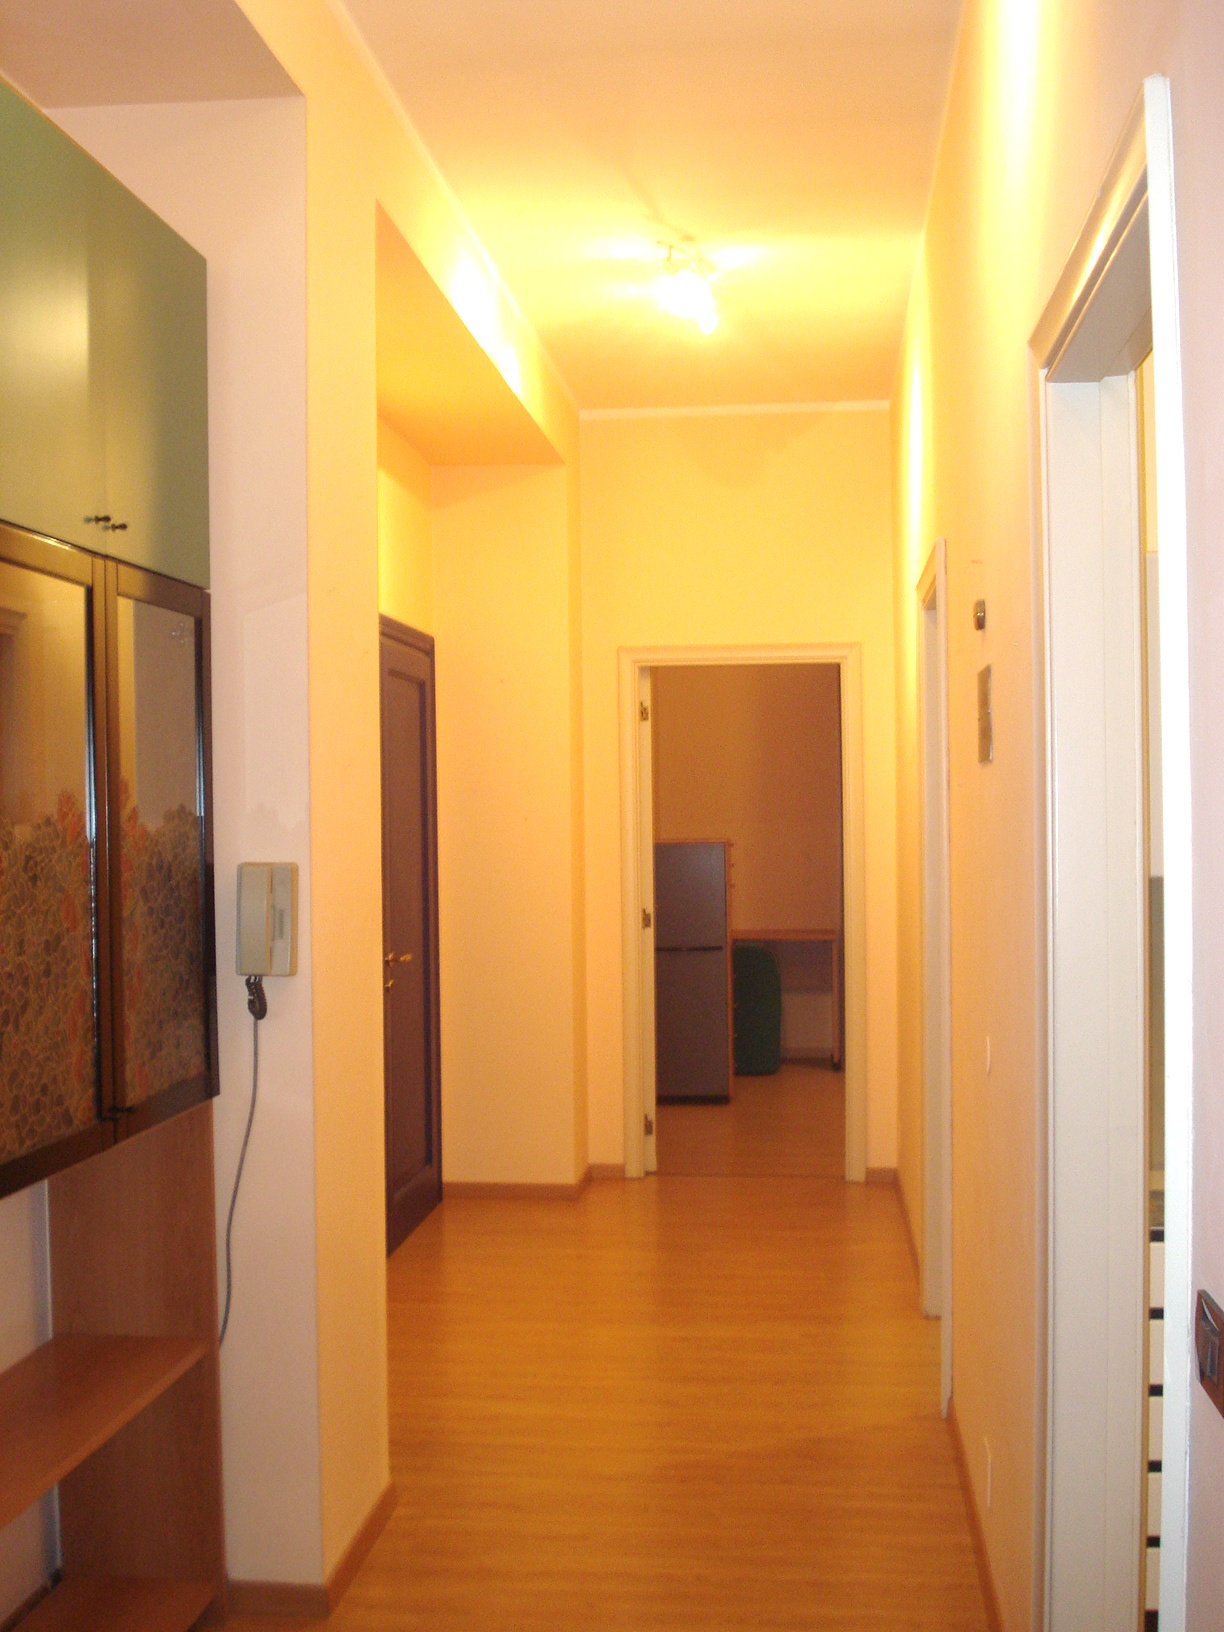 Appartamento in affitto a Biella, 3 locali, zona Zona: Centro, prezzo € 400 | Cambio Casa.it